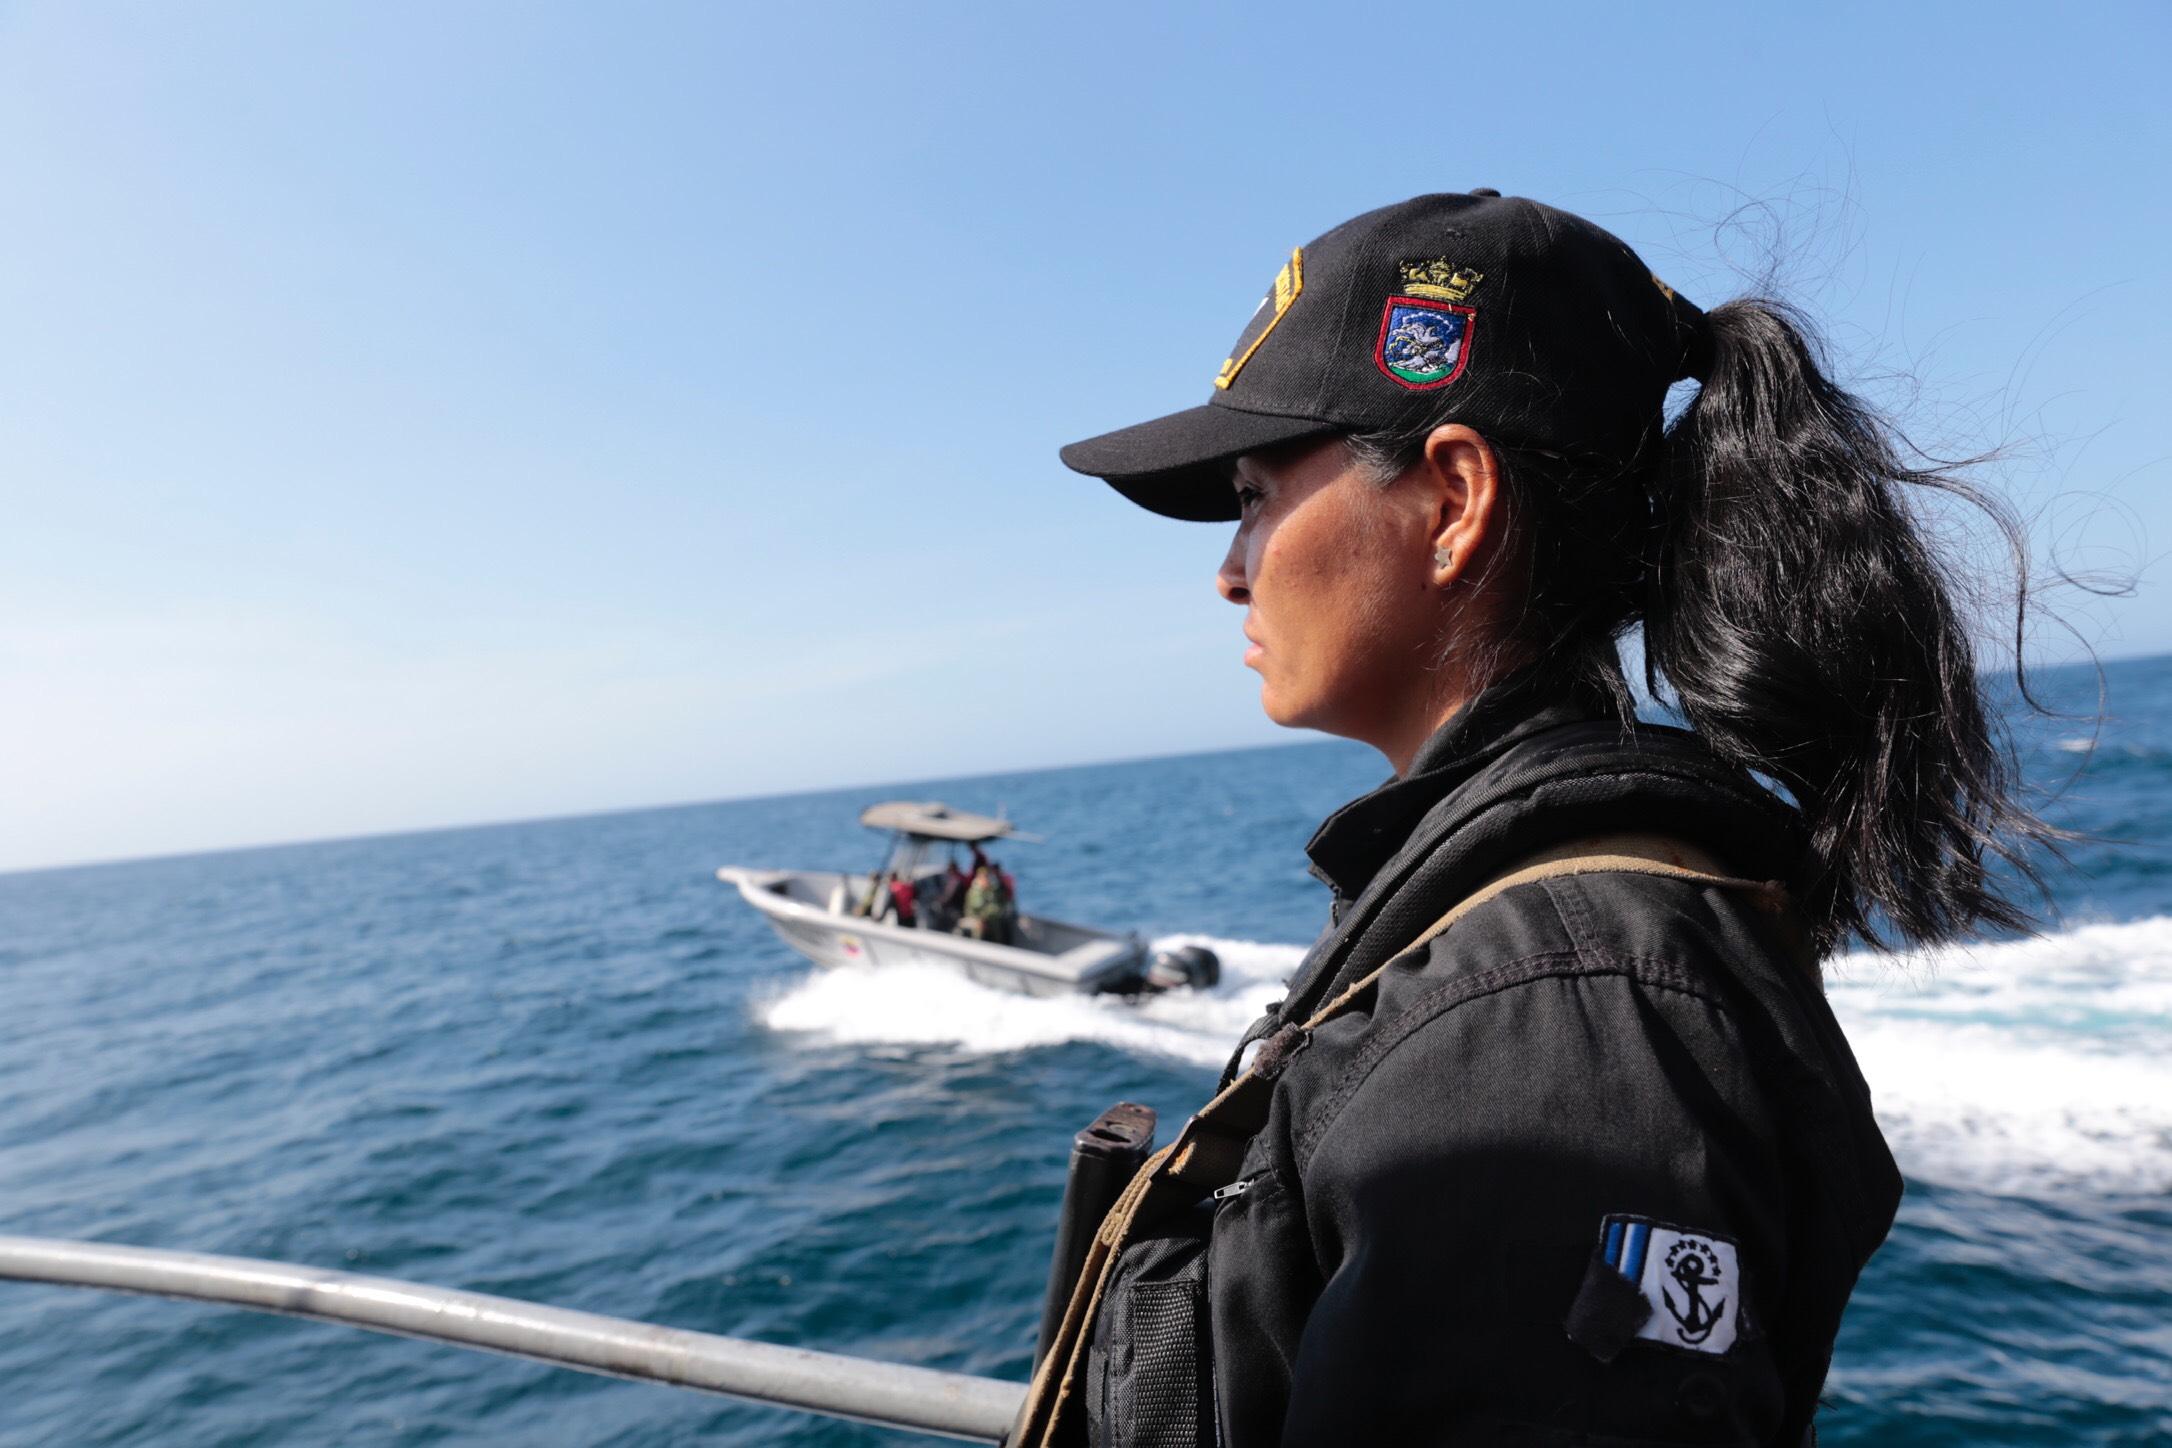 Sistema Nacional de Gestión de Riesgo supervisa despliegue de seguridad en 63 playas de Vargas (3)